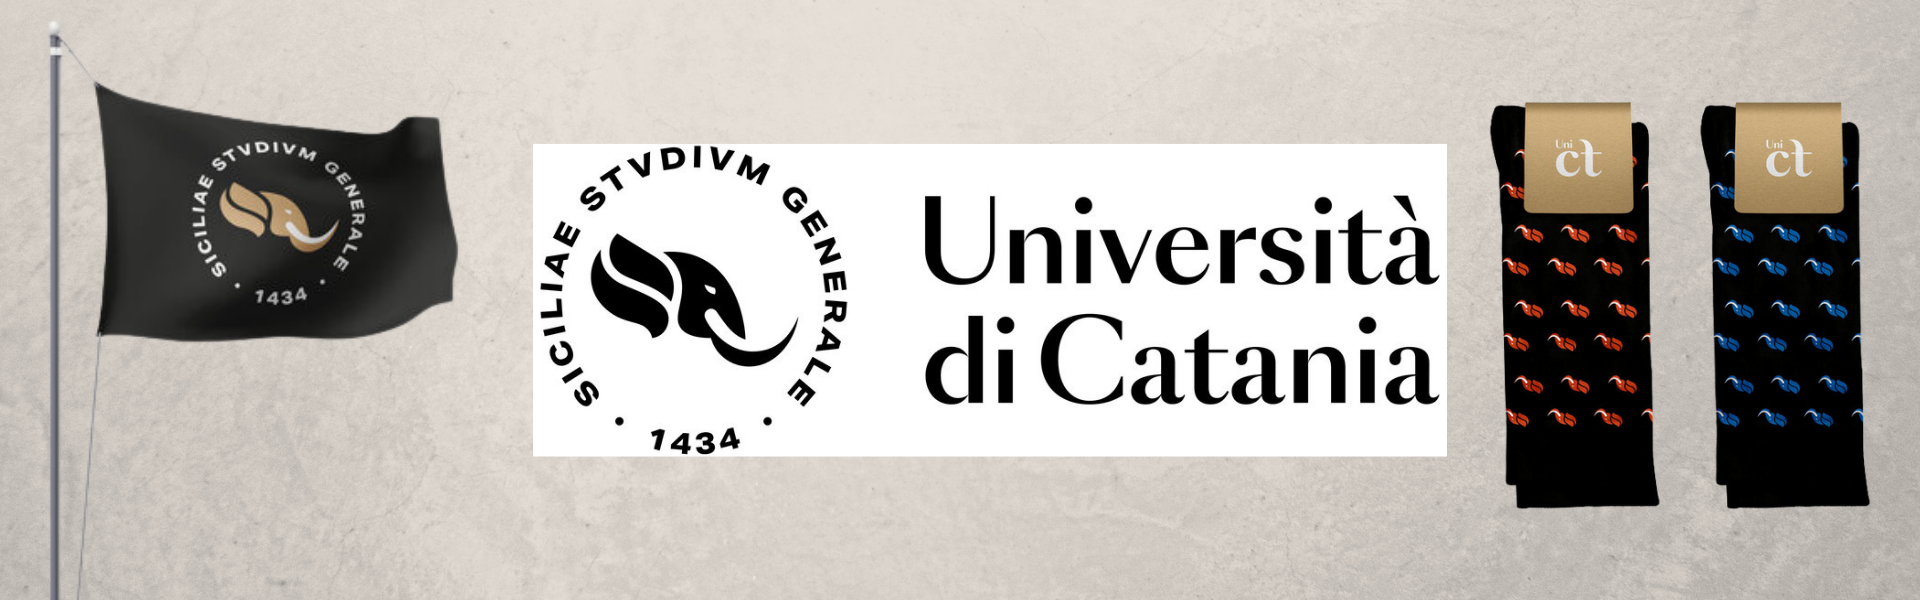 """ERSU Catania e lo strano caso del """"DIRETTORE FAFÚ"""" che si dà i pareri da solo"""